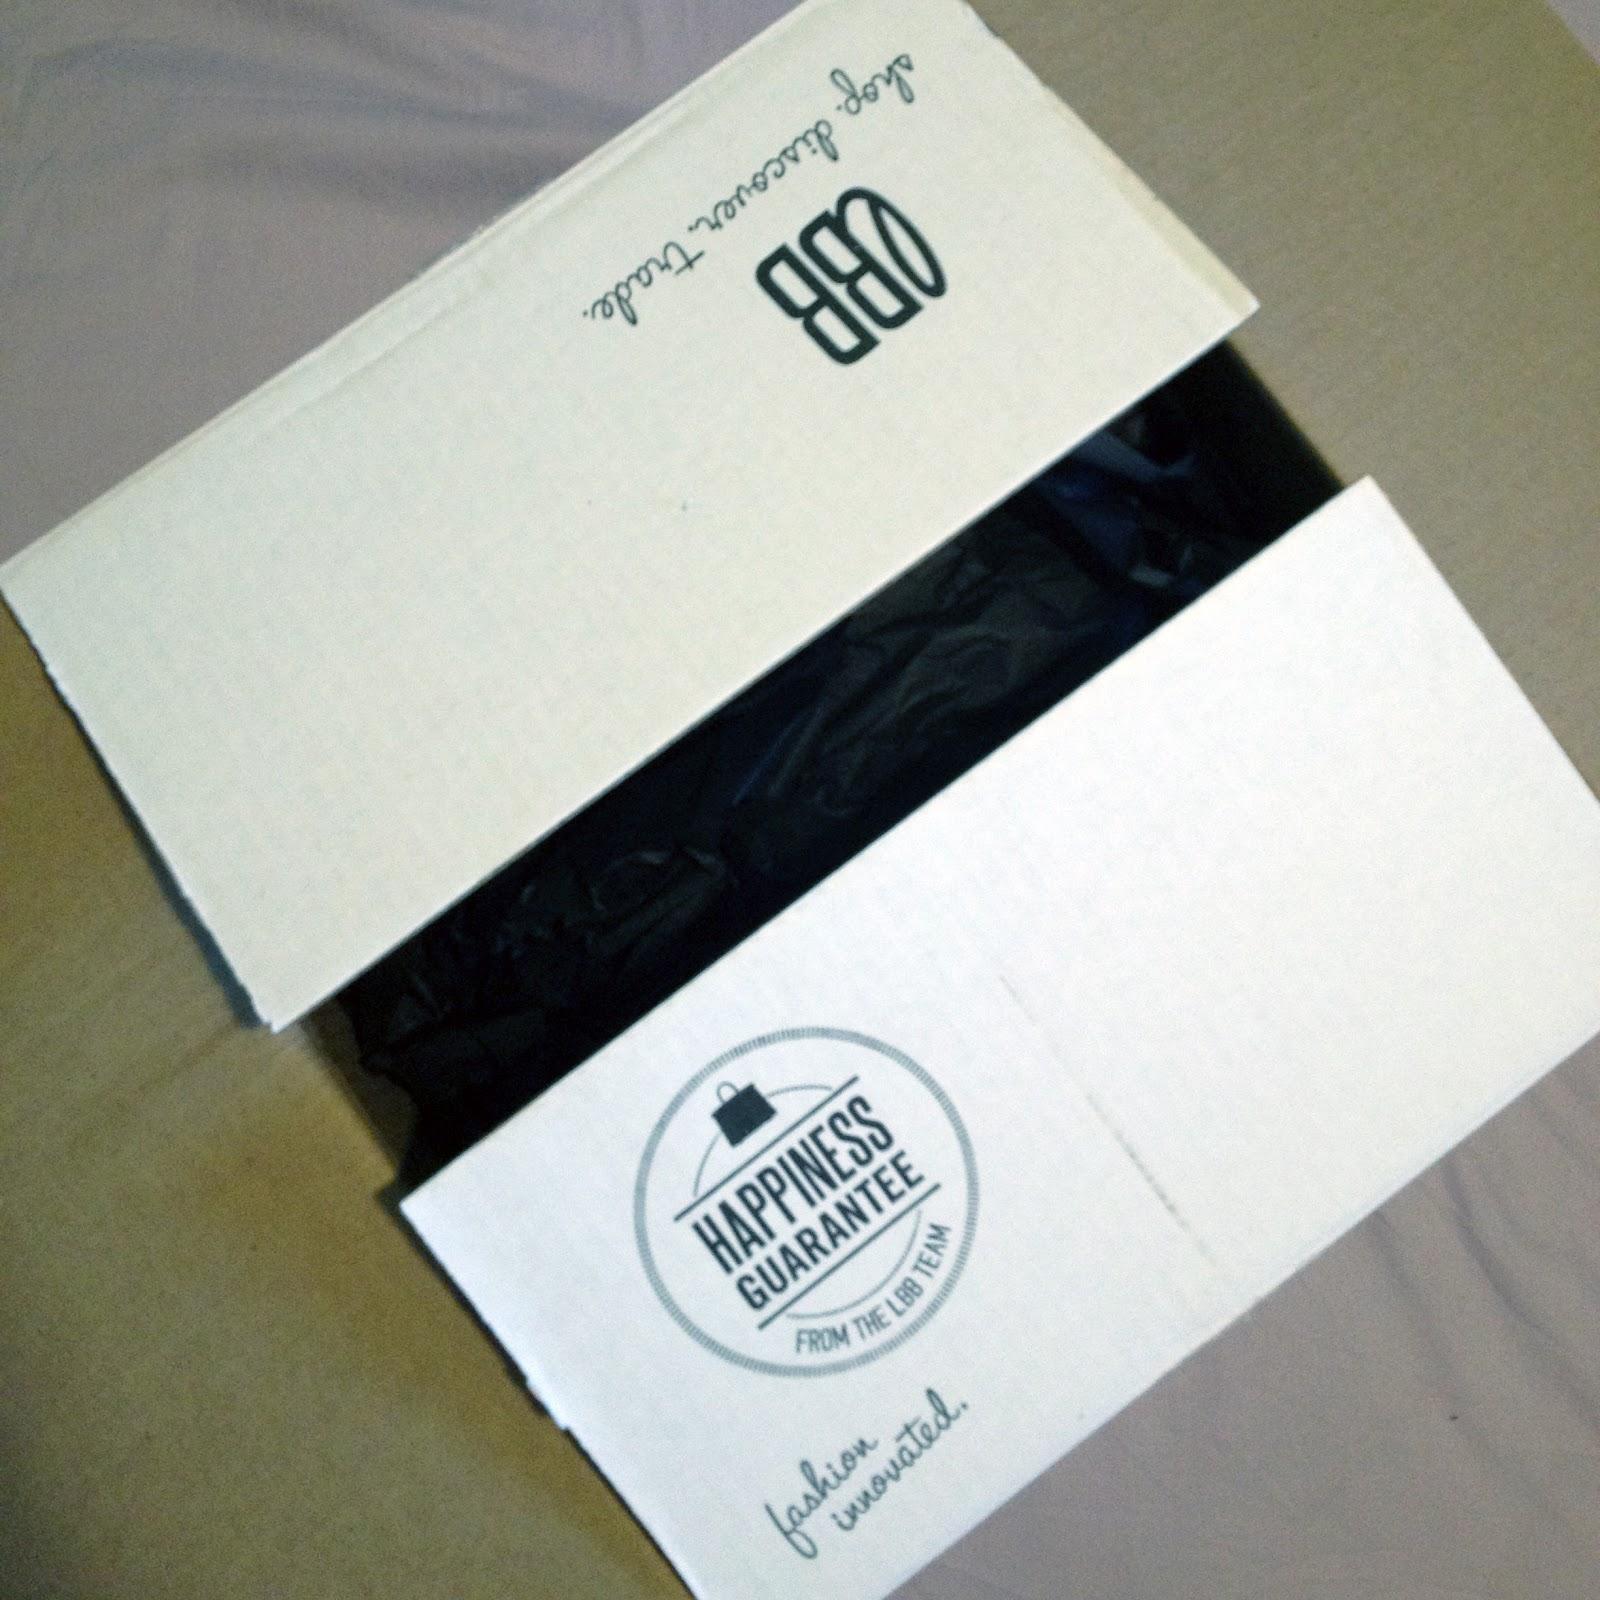 http://3.bp.blogspot.com/-0jOt3uh1eGo/T-N-zOYWgJI/AAAAAAAALS4/gH5hLWwCqNs/s1600/little+black+bag+opening+my+box.jpg